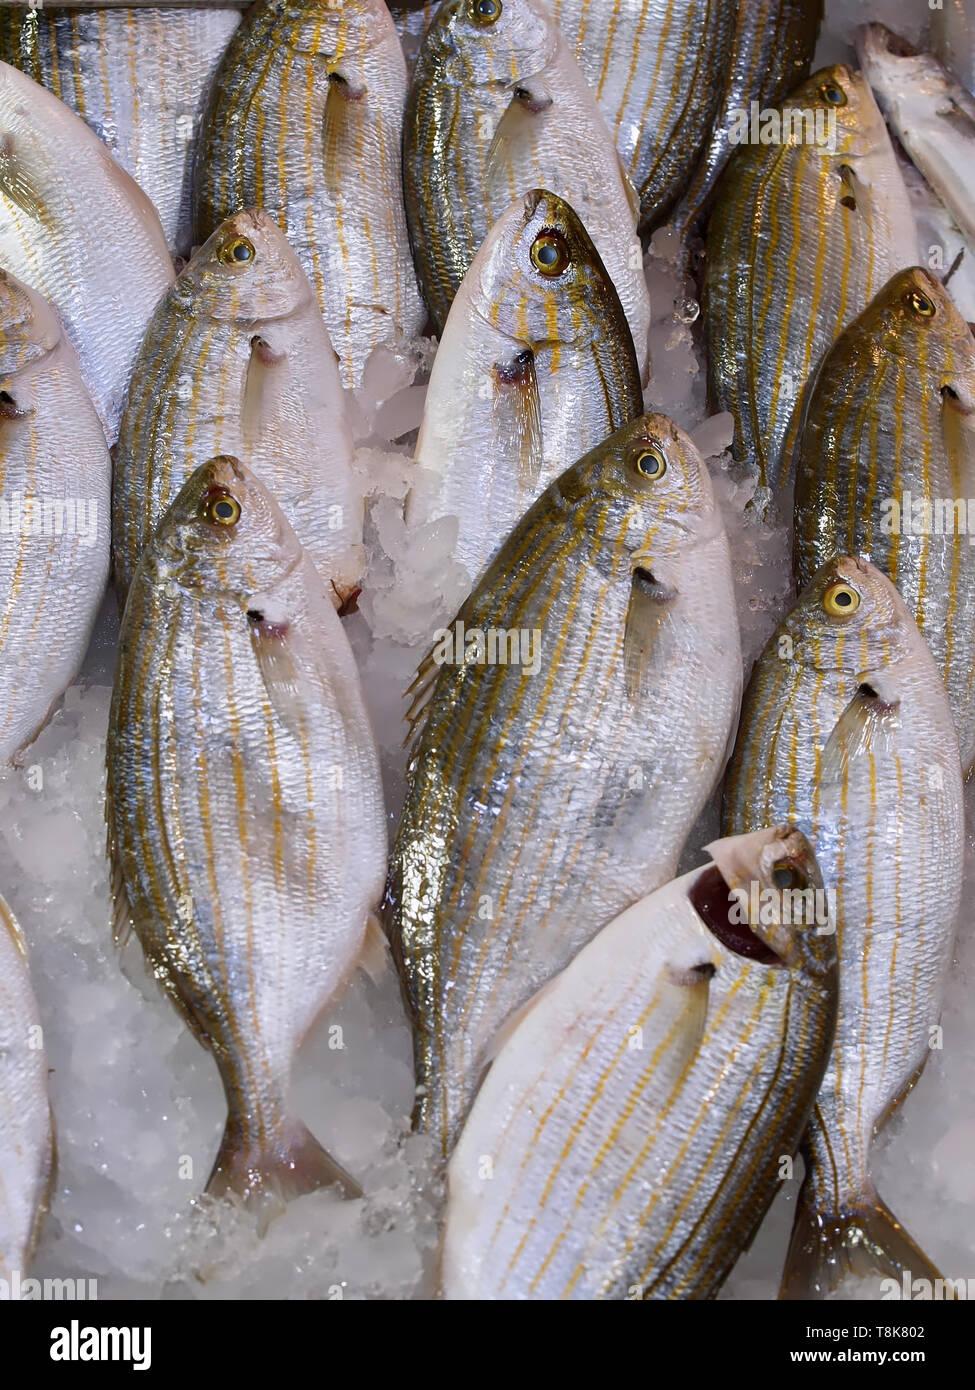 Ganz, frisch Fisch auf Eis an einem Lebensmittelmarkt Stockfoto